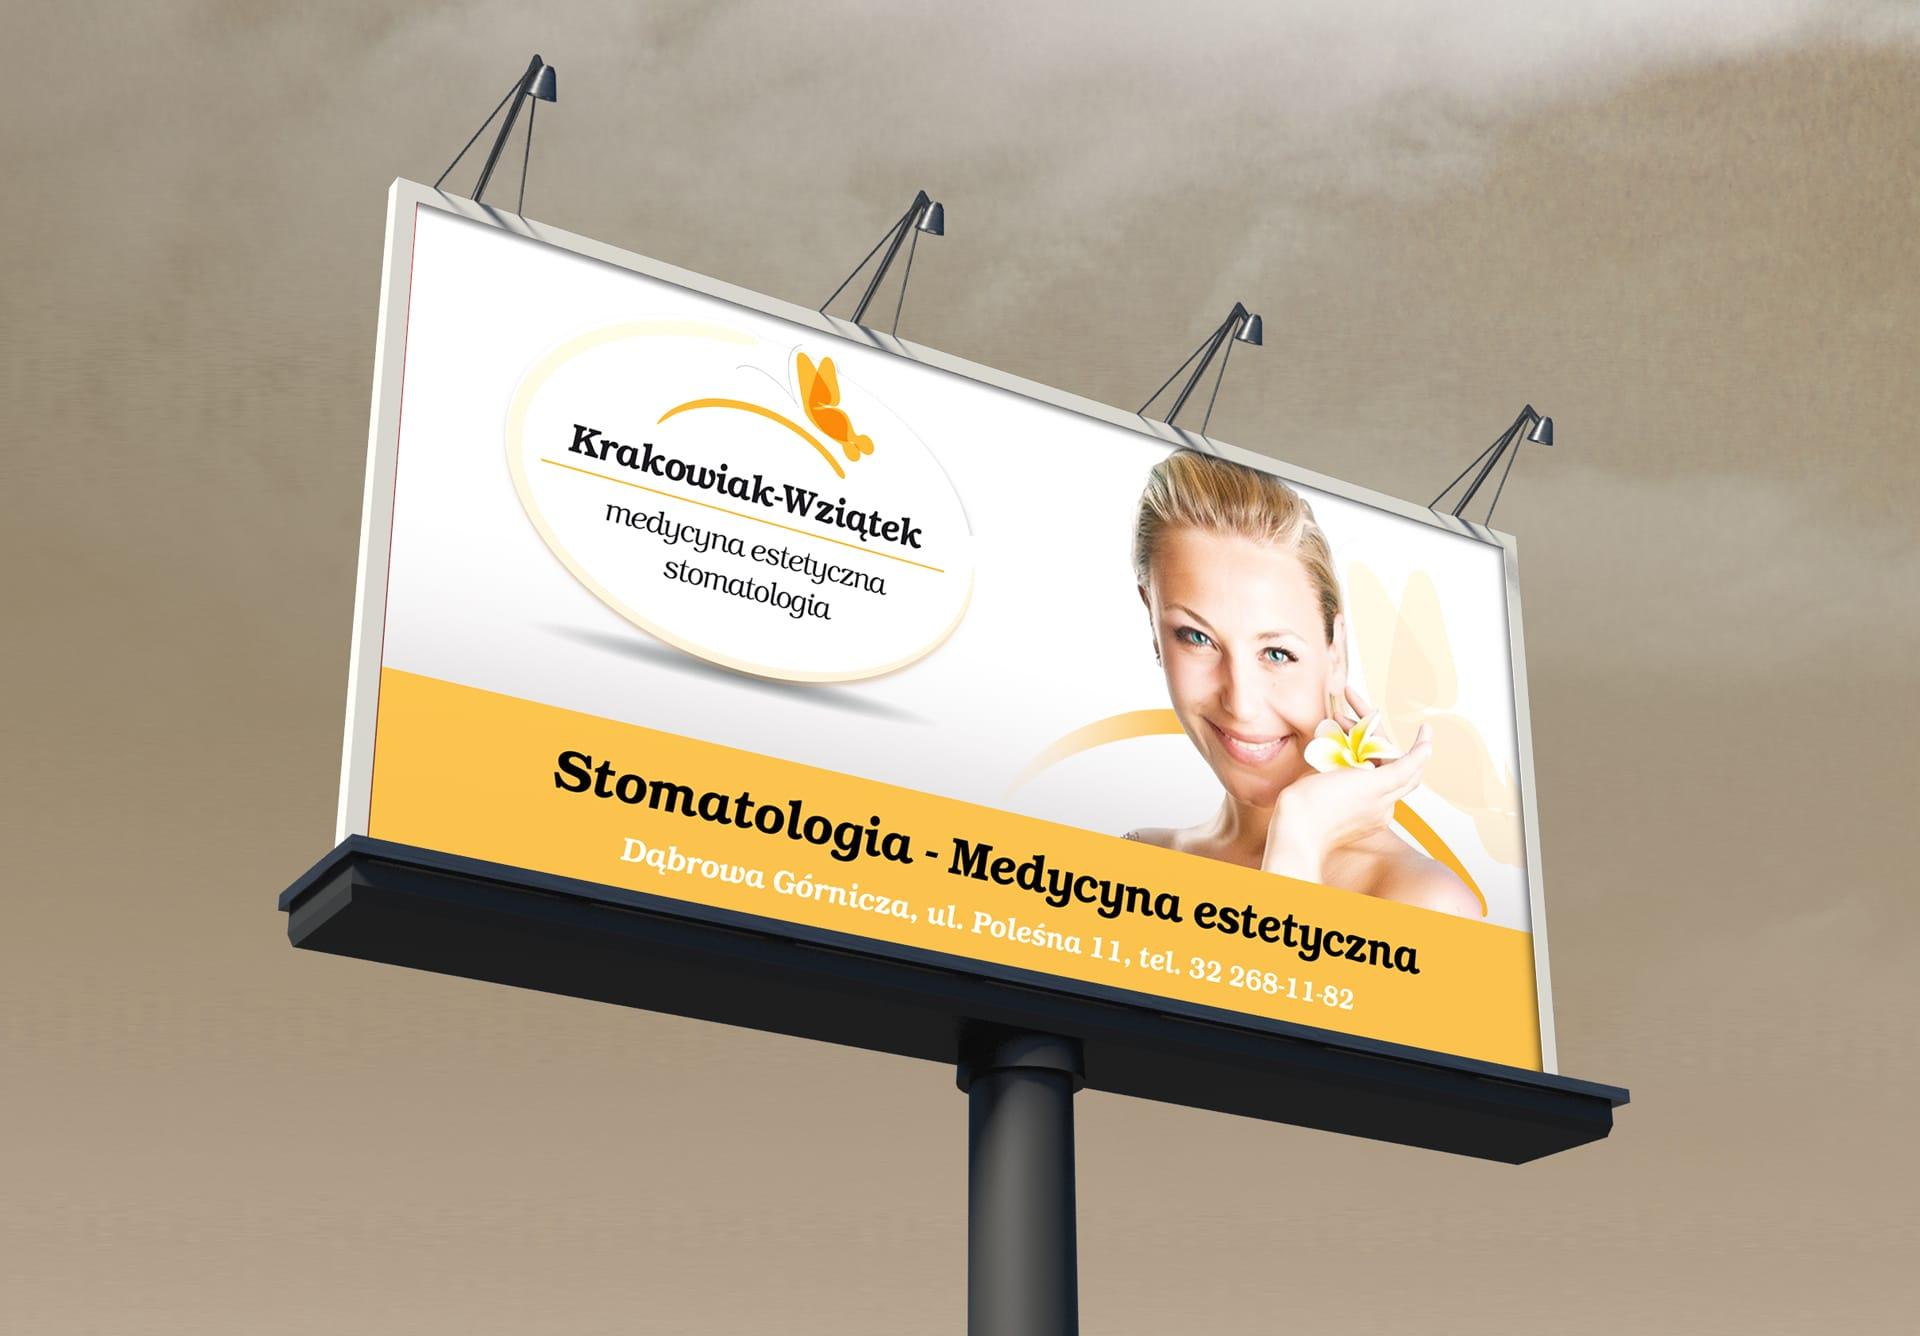 Krakowiak Wziątek zestaw brandingowy, logo firmowe, reklamy zewnętrzne, strona internetowa